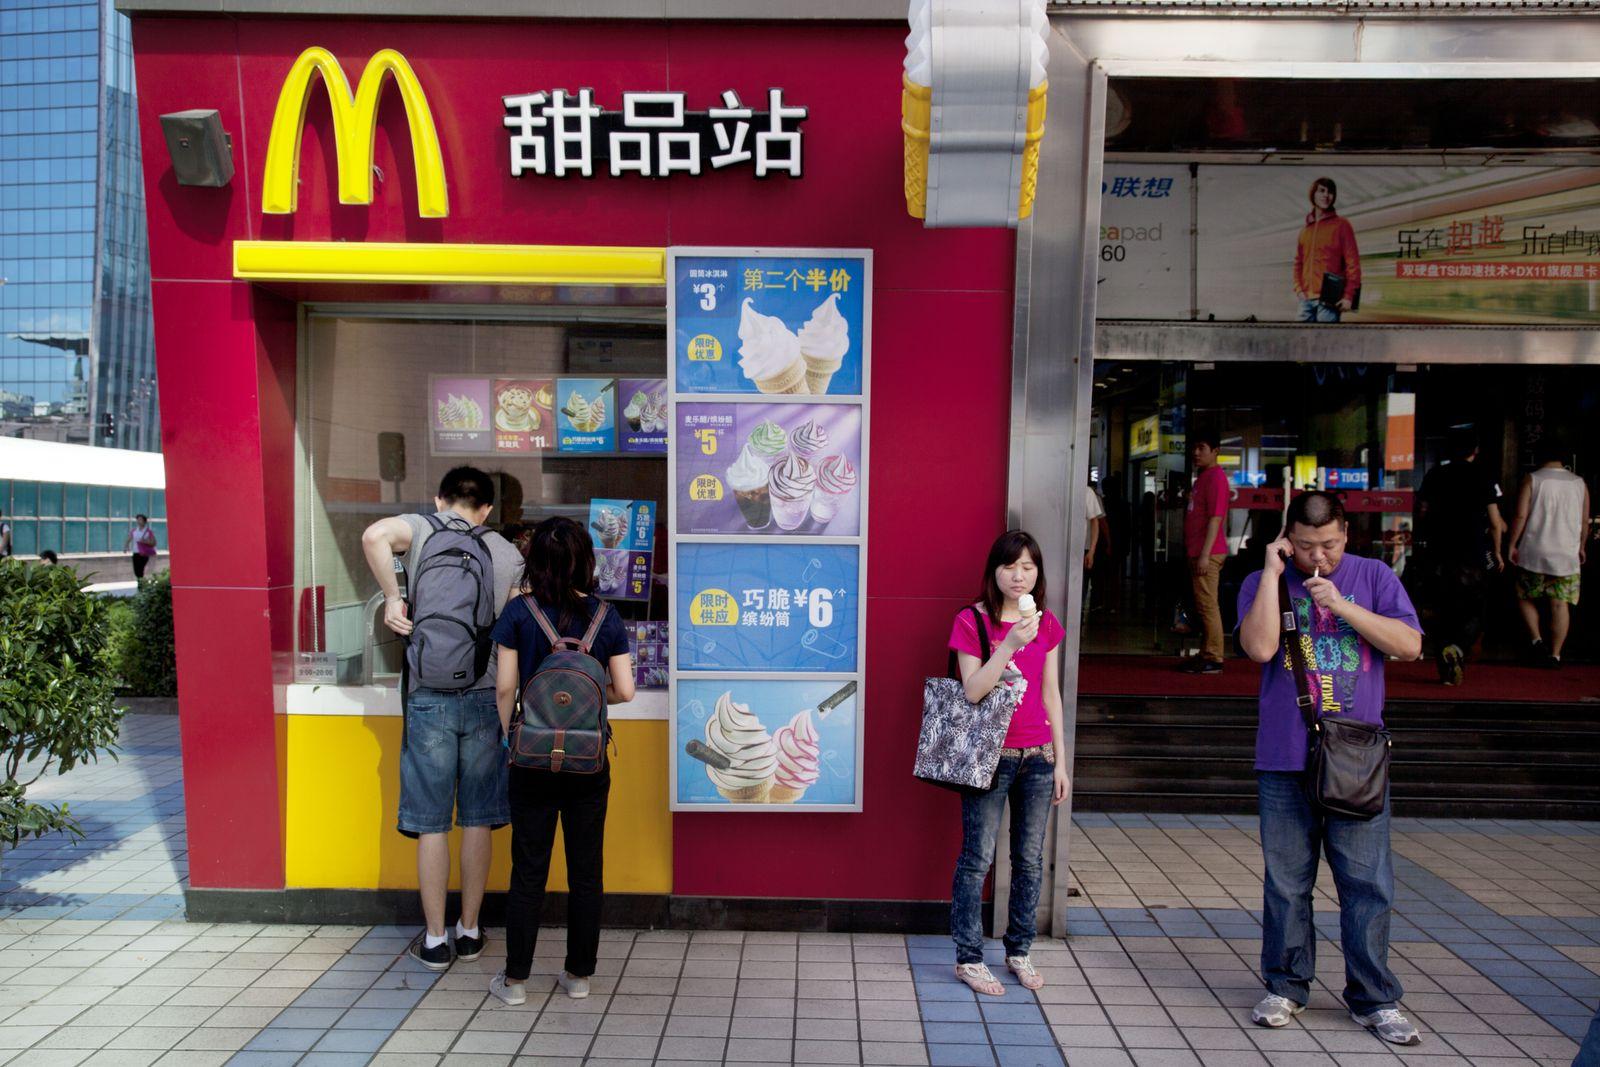 NICHT MEHR VERWENDEN! - McDonalds / Eis / Beijing, China